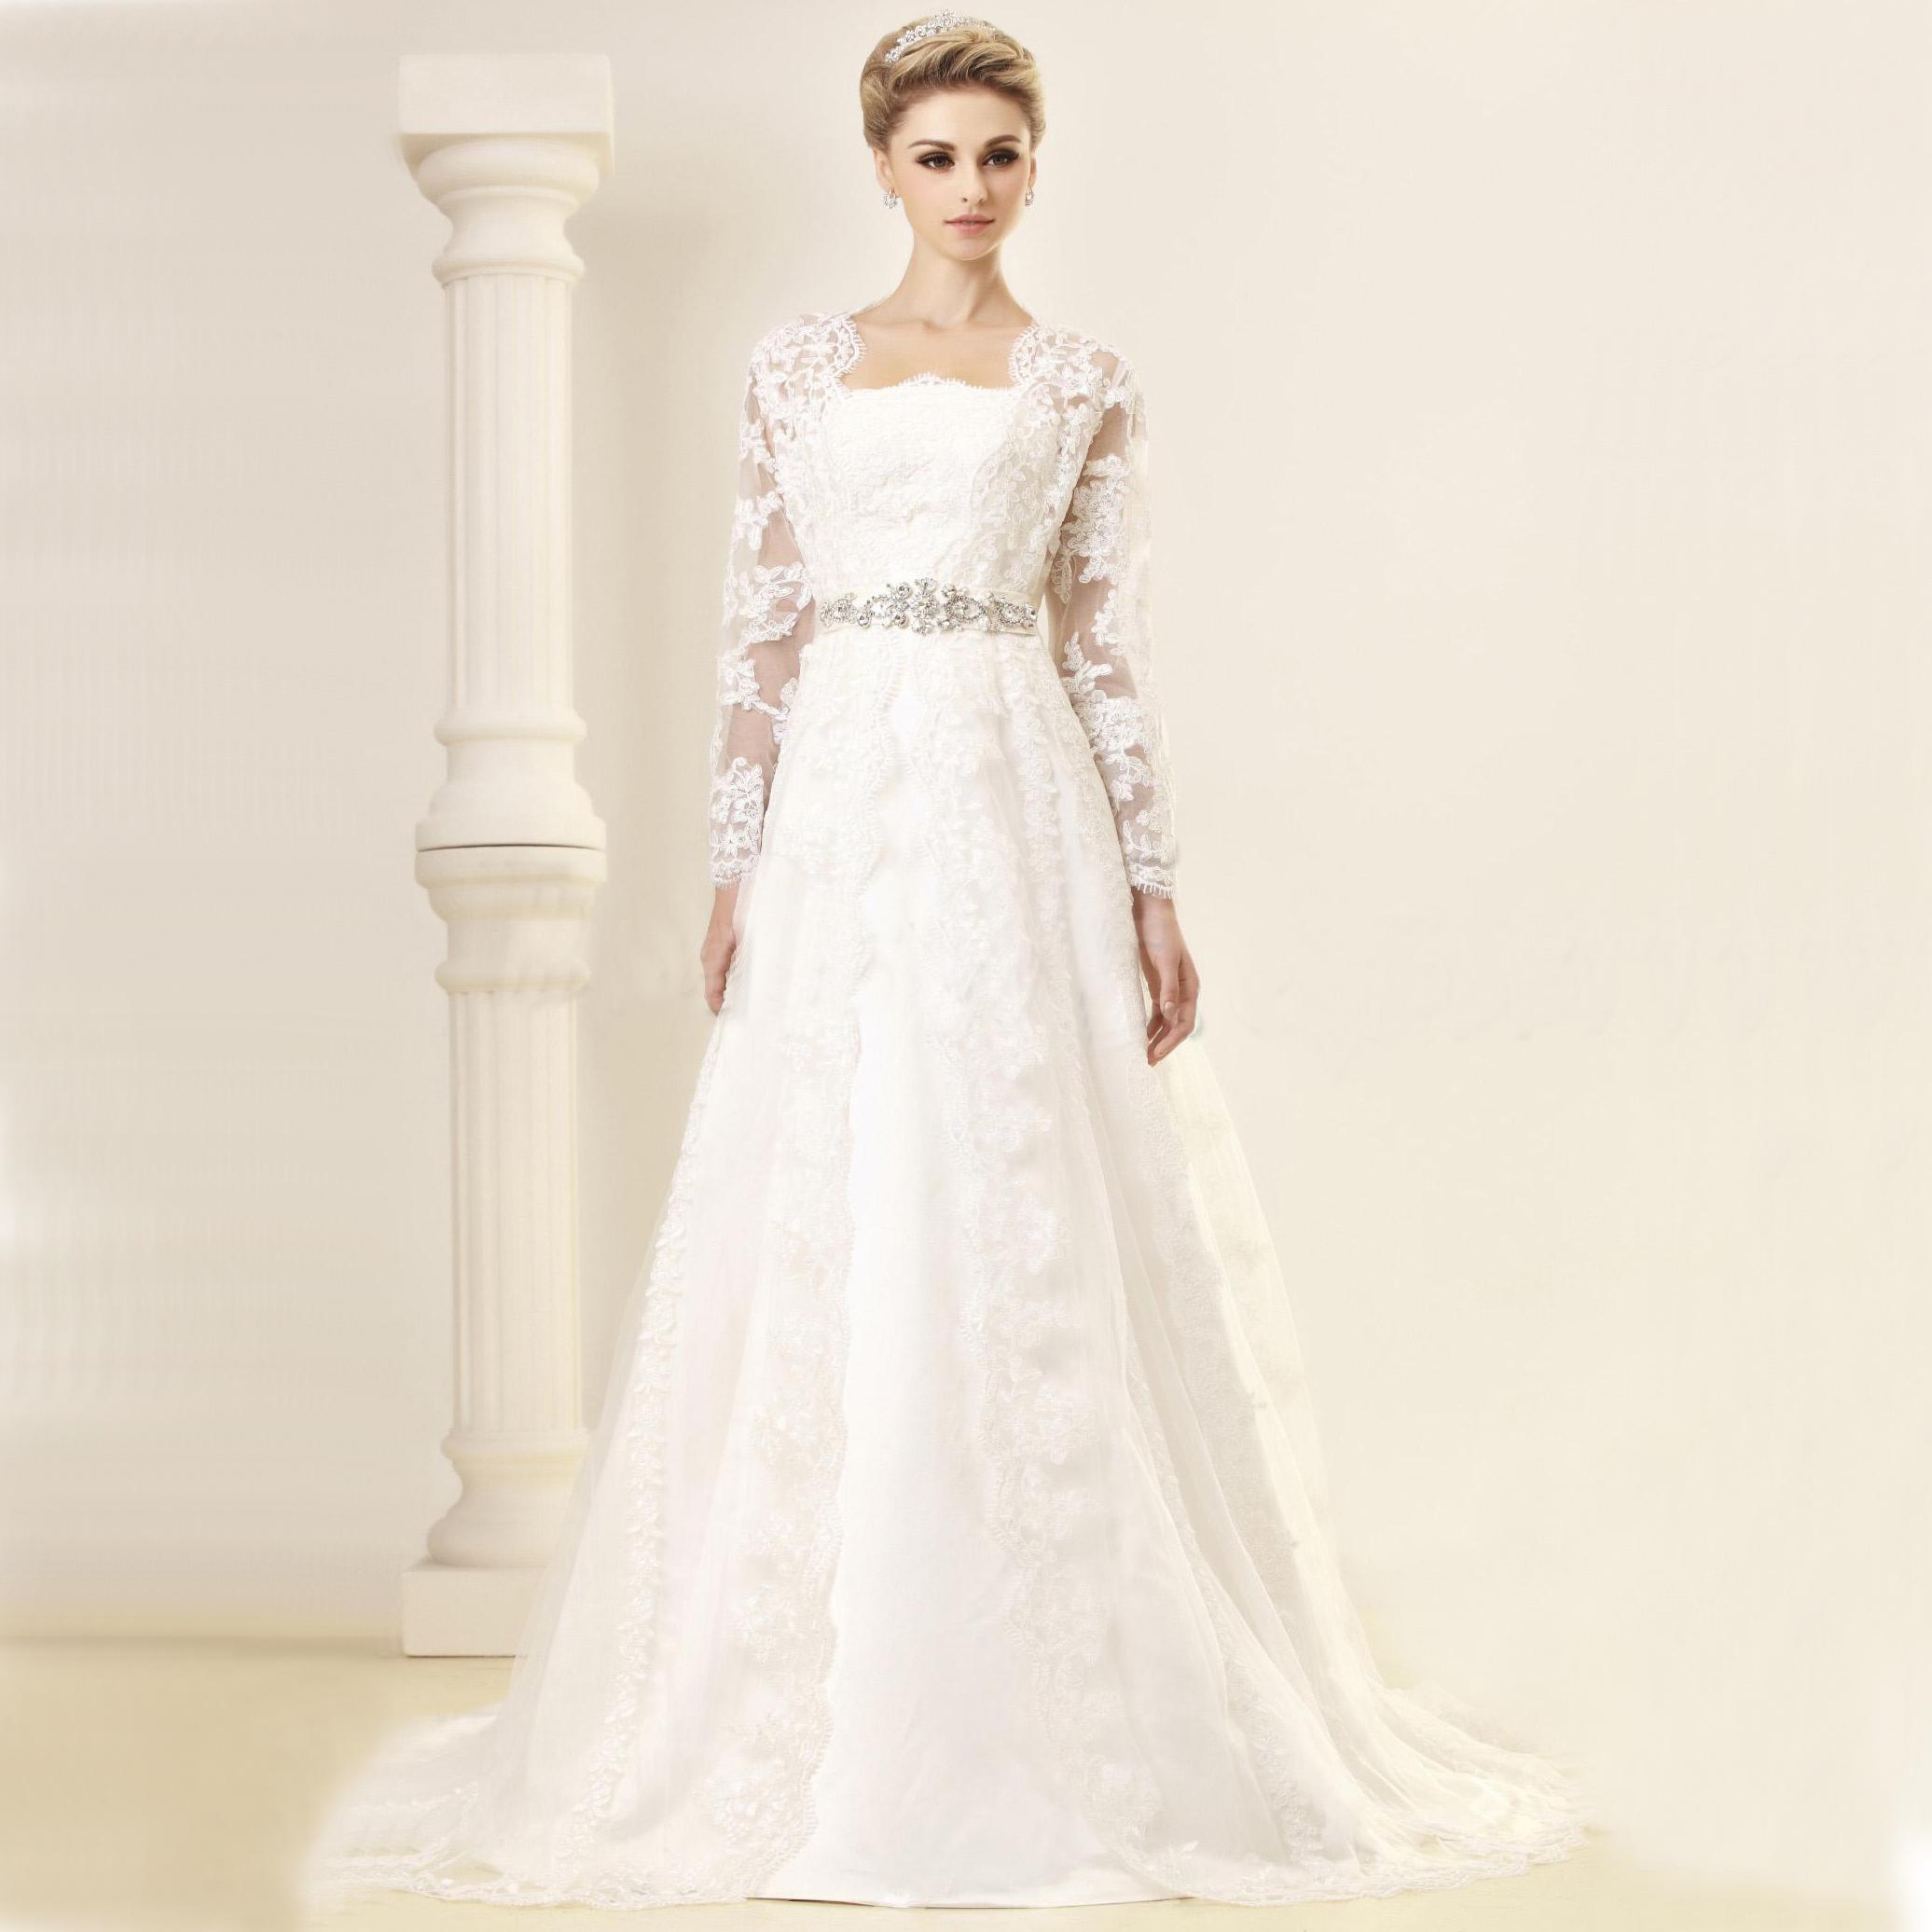 Tolle 2. Hochzeit Brautkleider Galerie - Hochzeit Kleid Stile Ideen ...